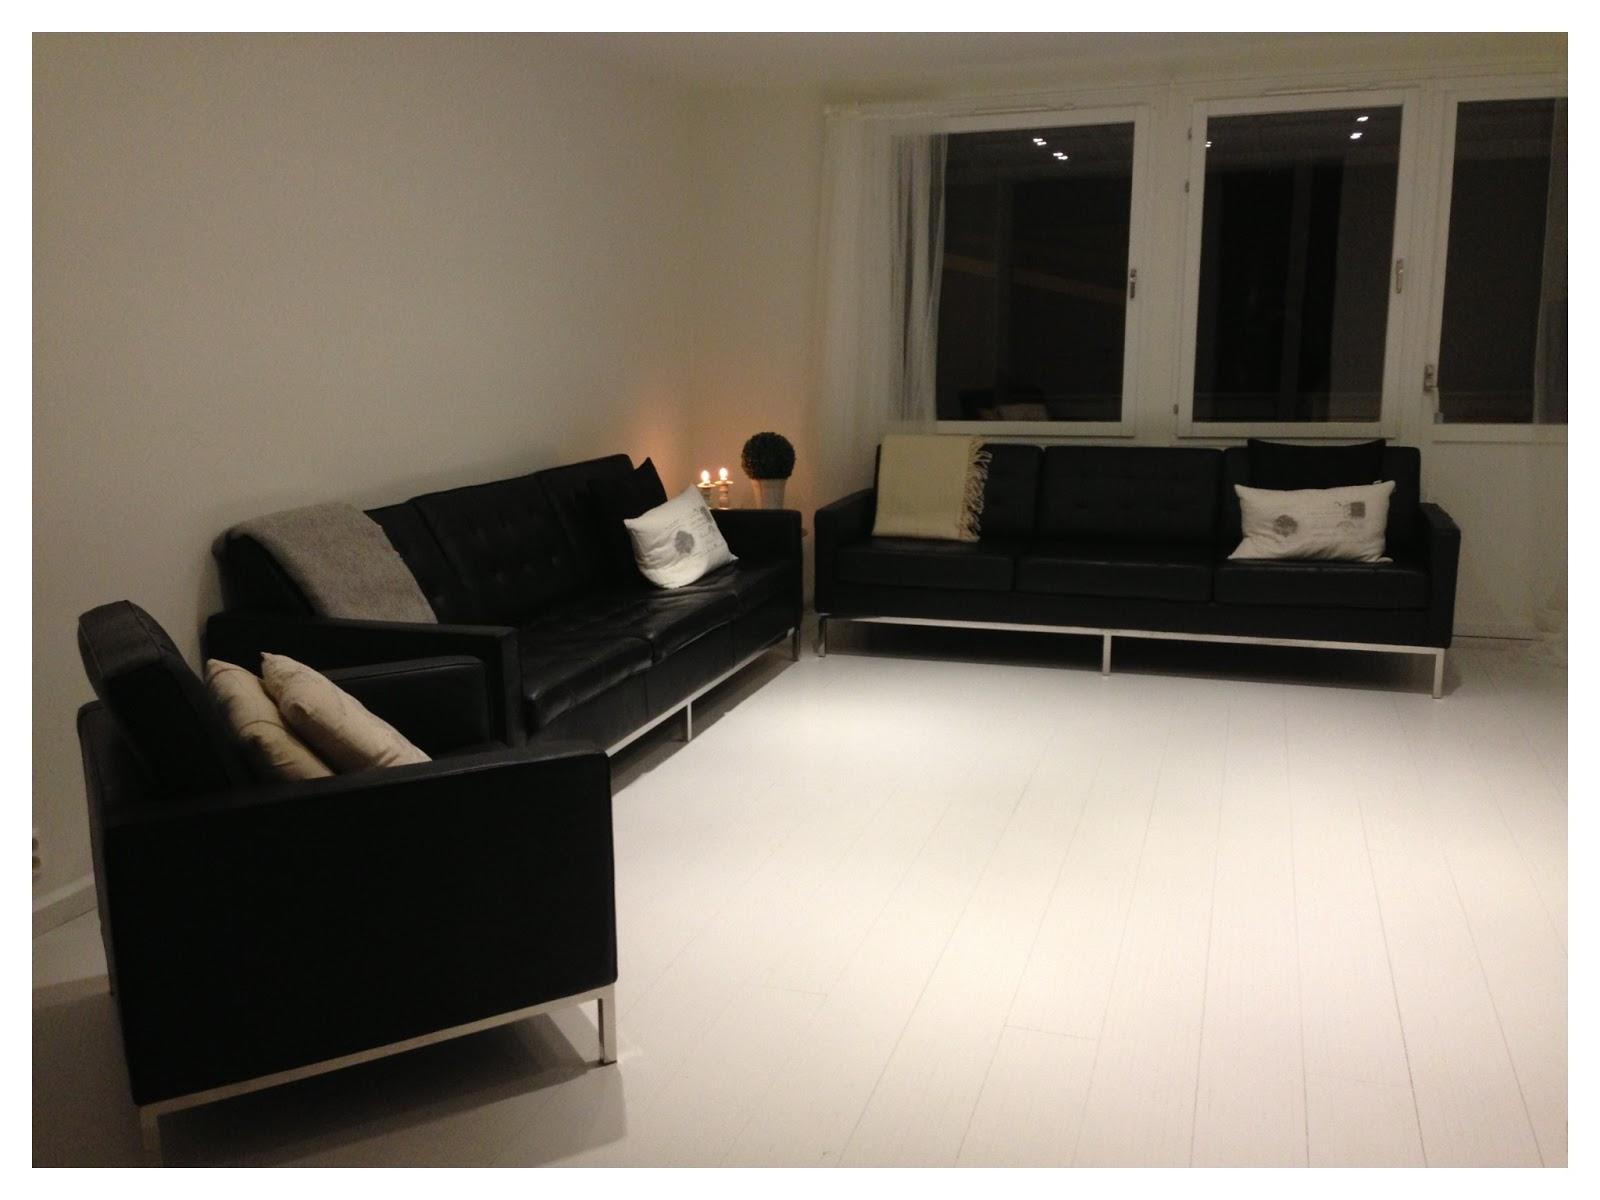 57an: Ny soffa igen, denna gången med en fåtölj..